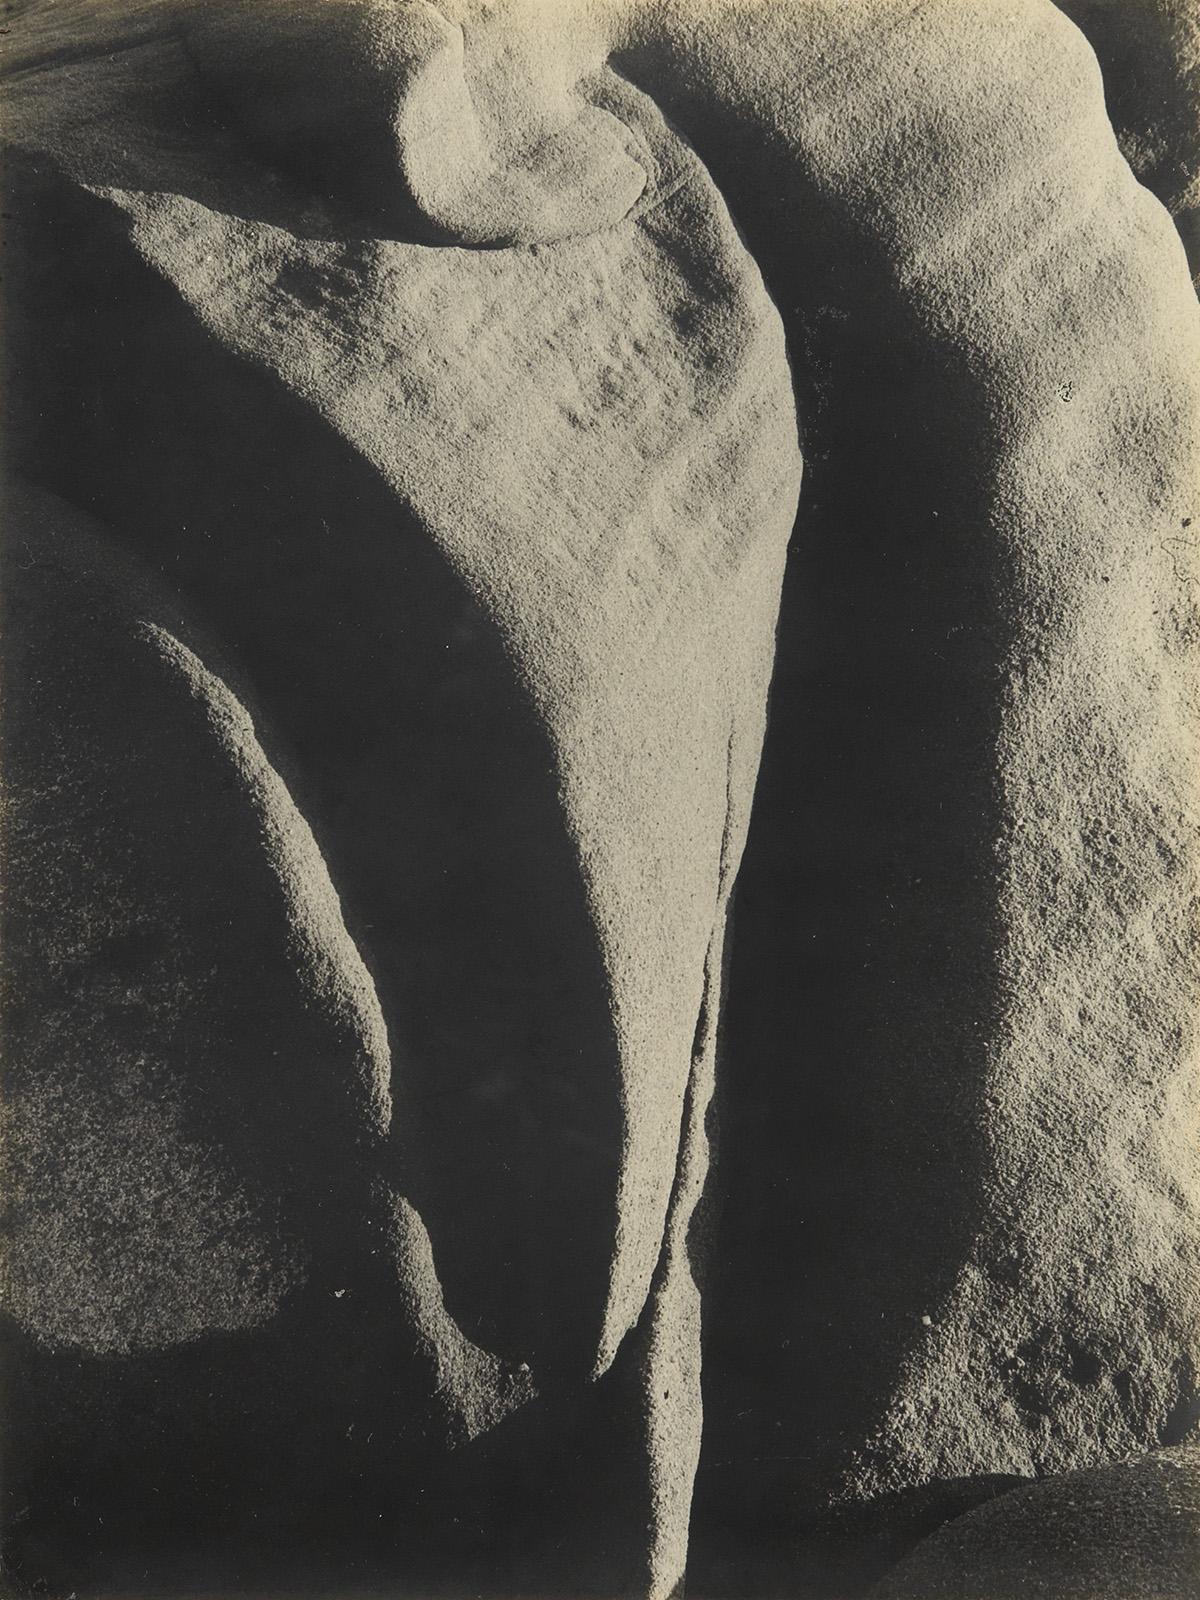 BRETT-WESTON-(1911-1993)-Abstraction-of-rocks